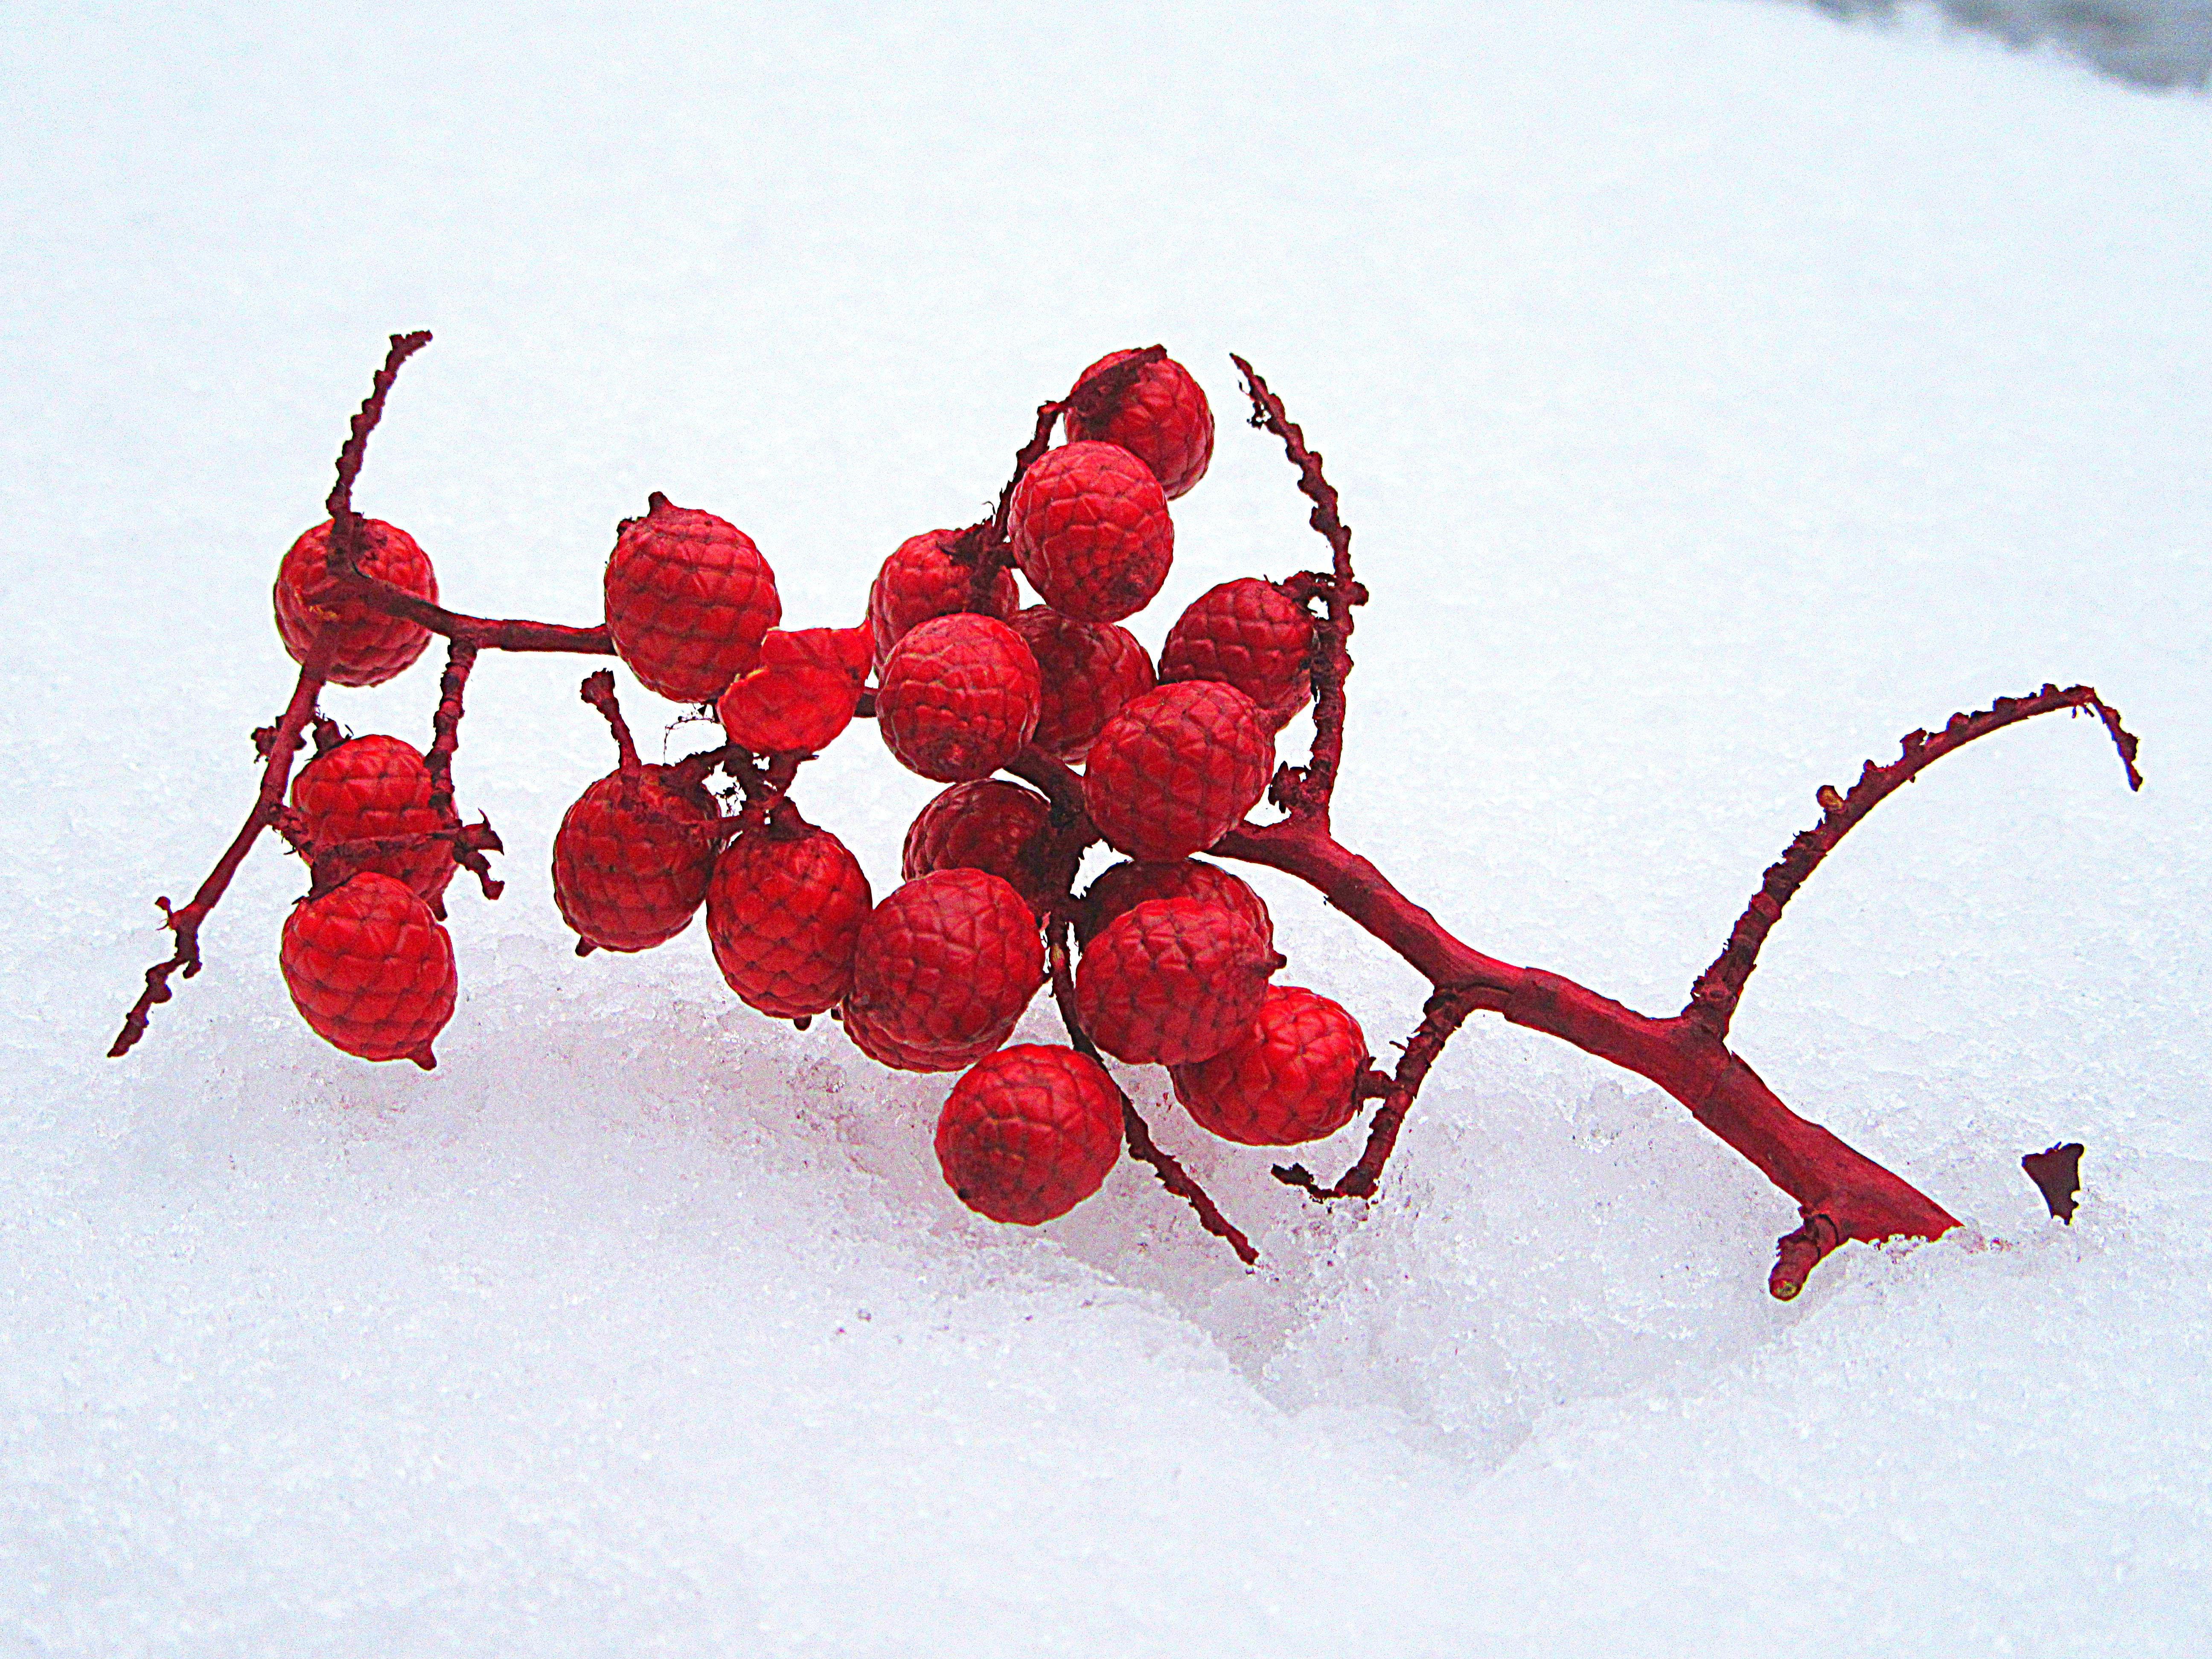 полюбившаяся рисунок из ягод на снегу фото последнее время андрей